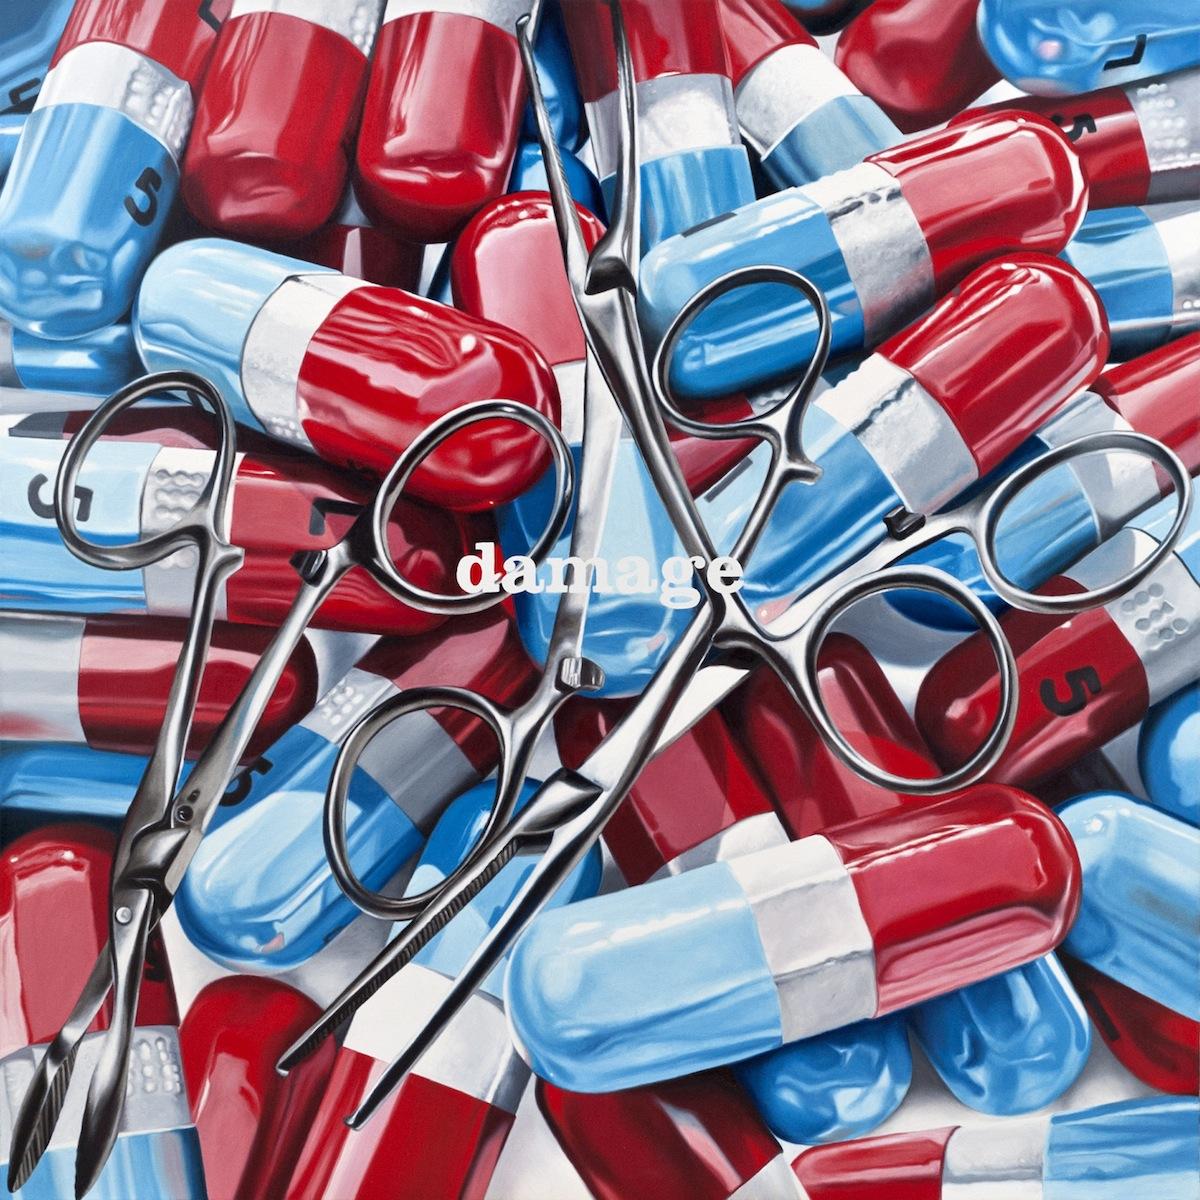 Damage Control Surgery_2012-huile sur toile-120x120cm